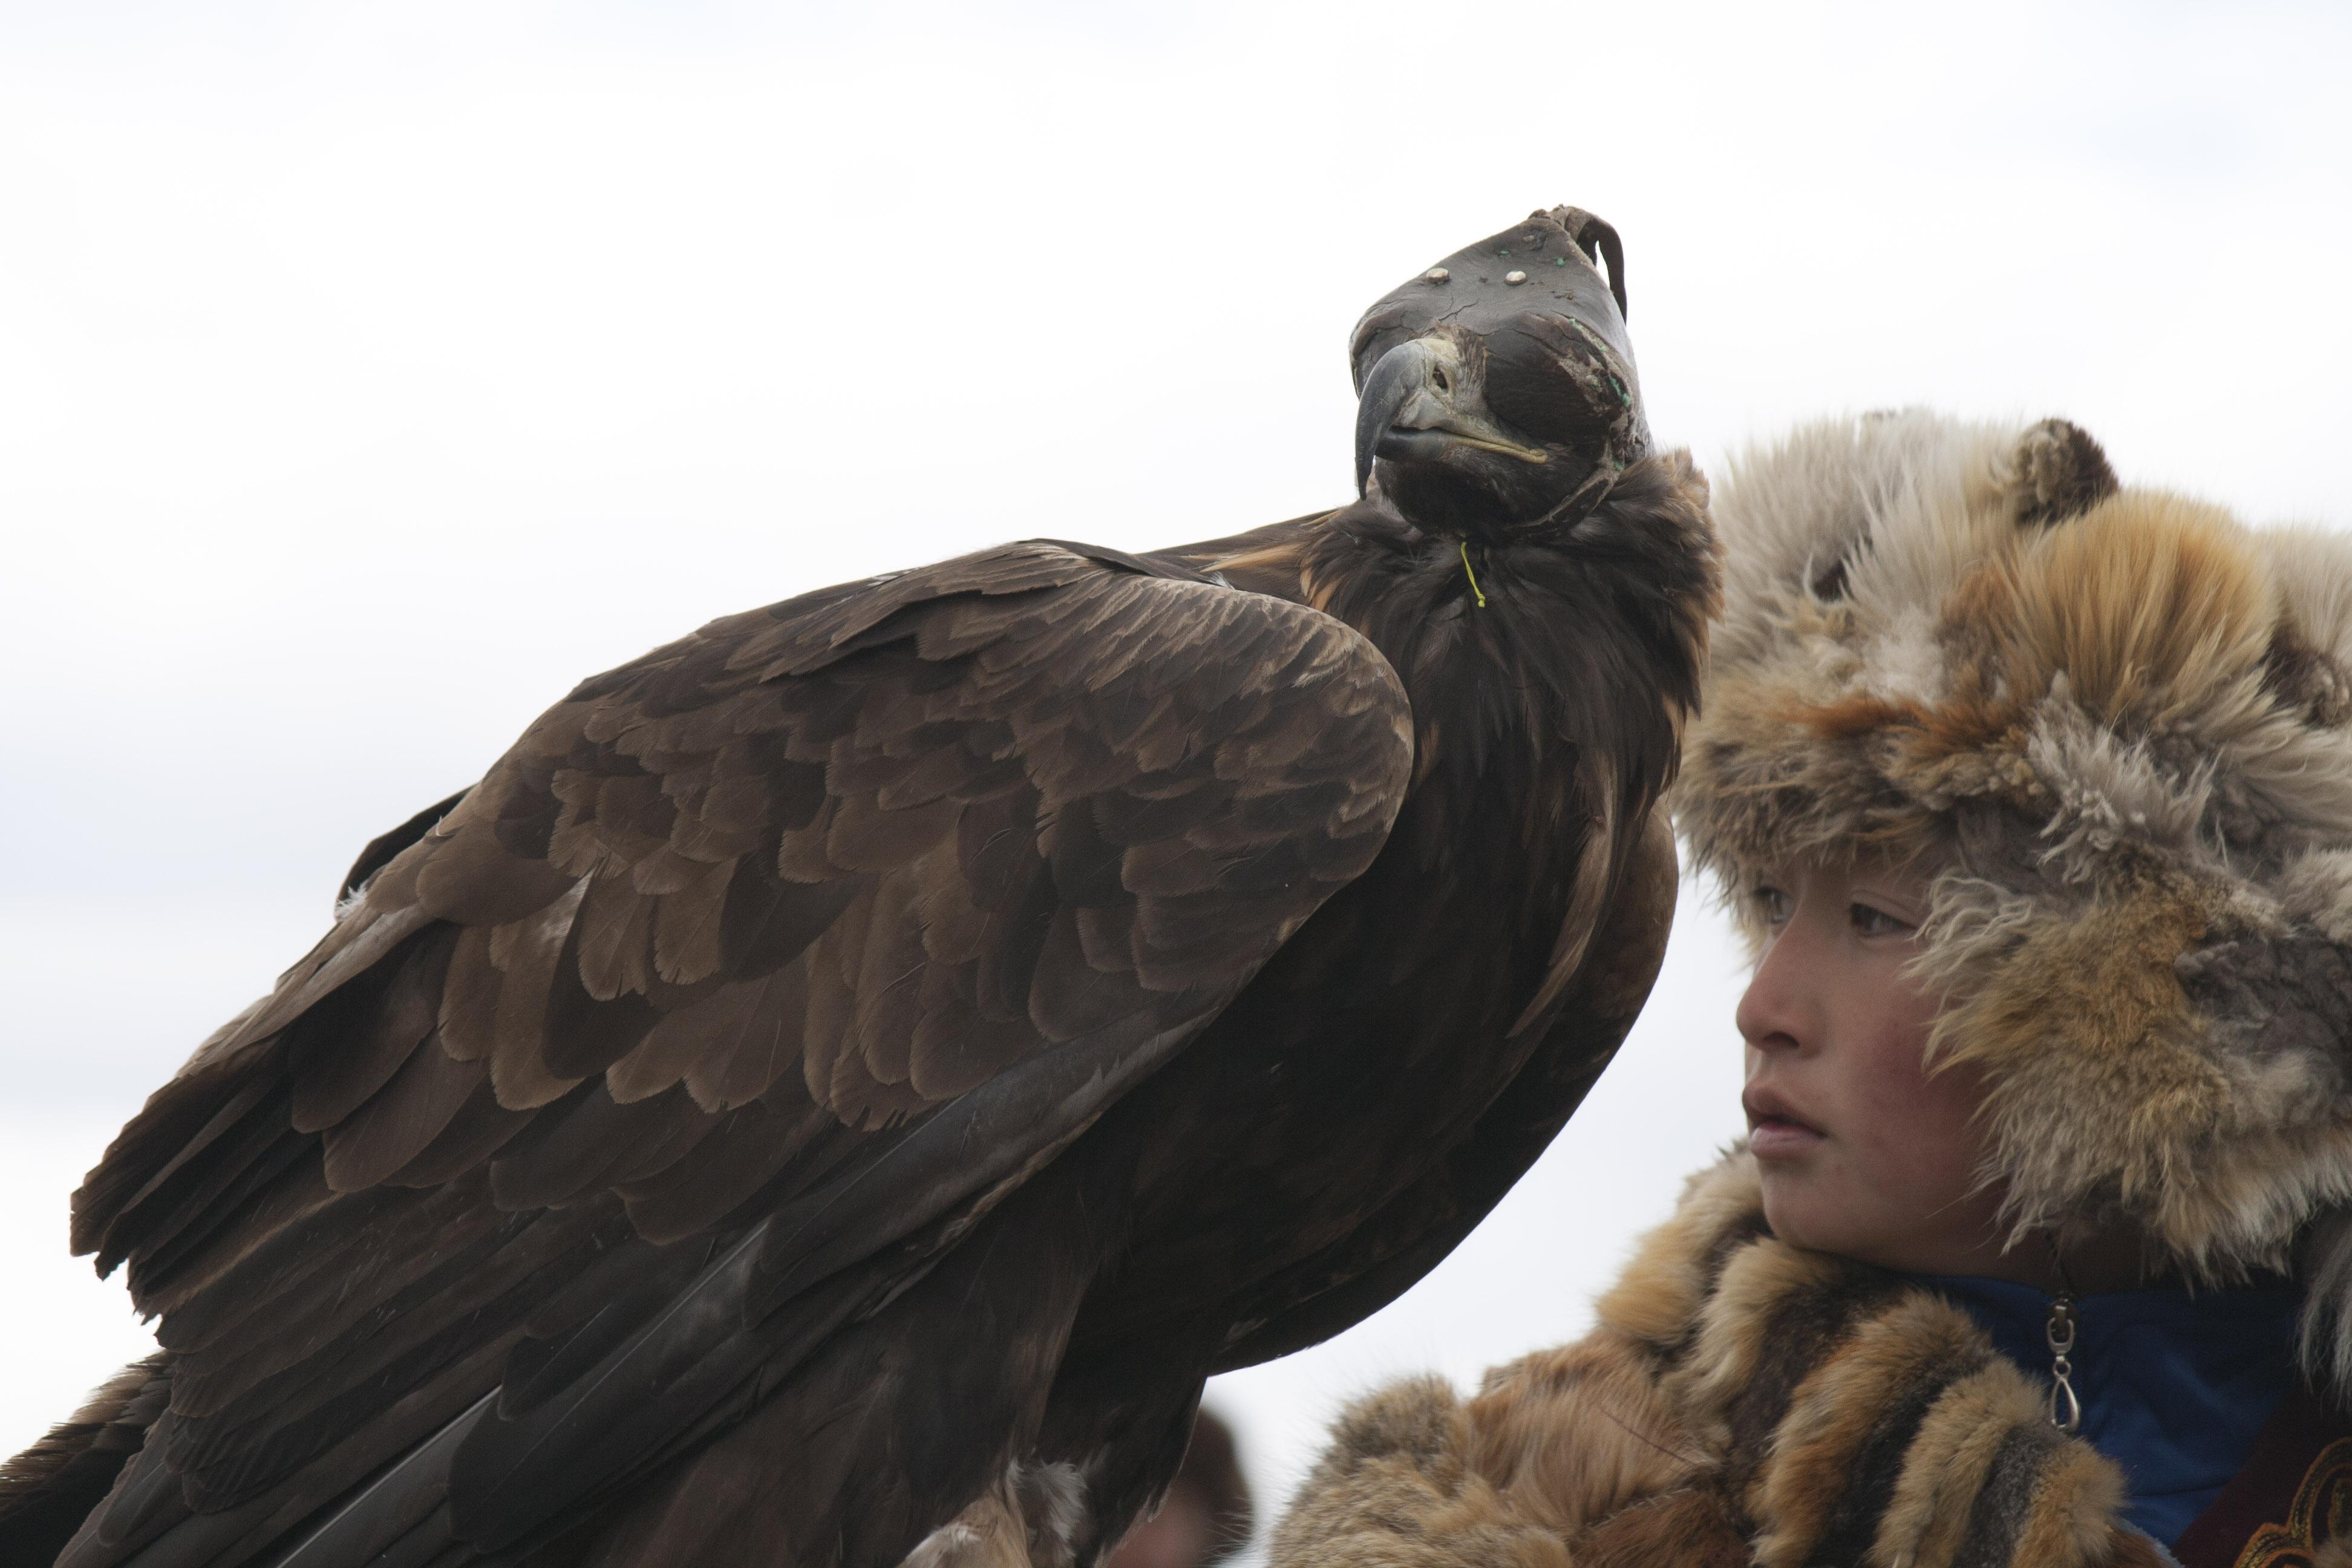 altai-eagle-festival-8